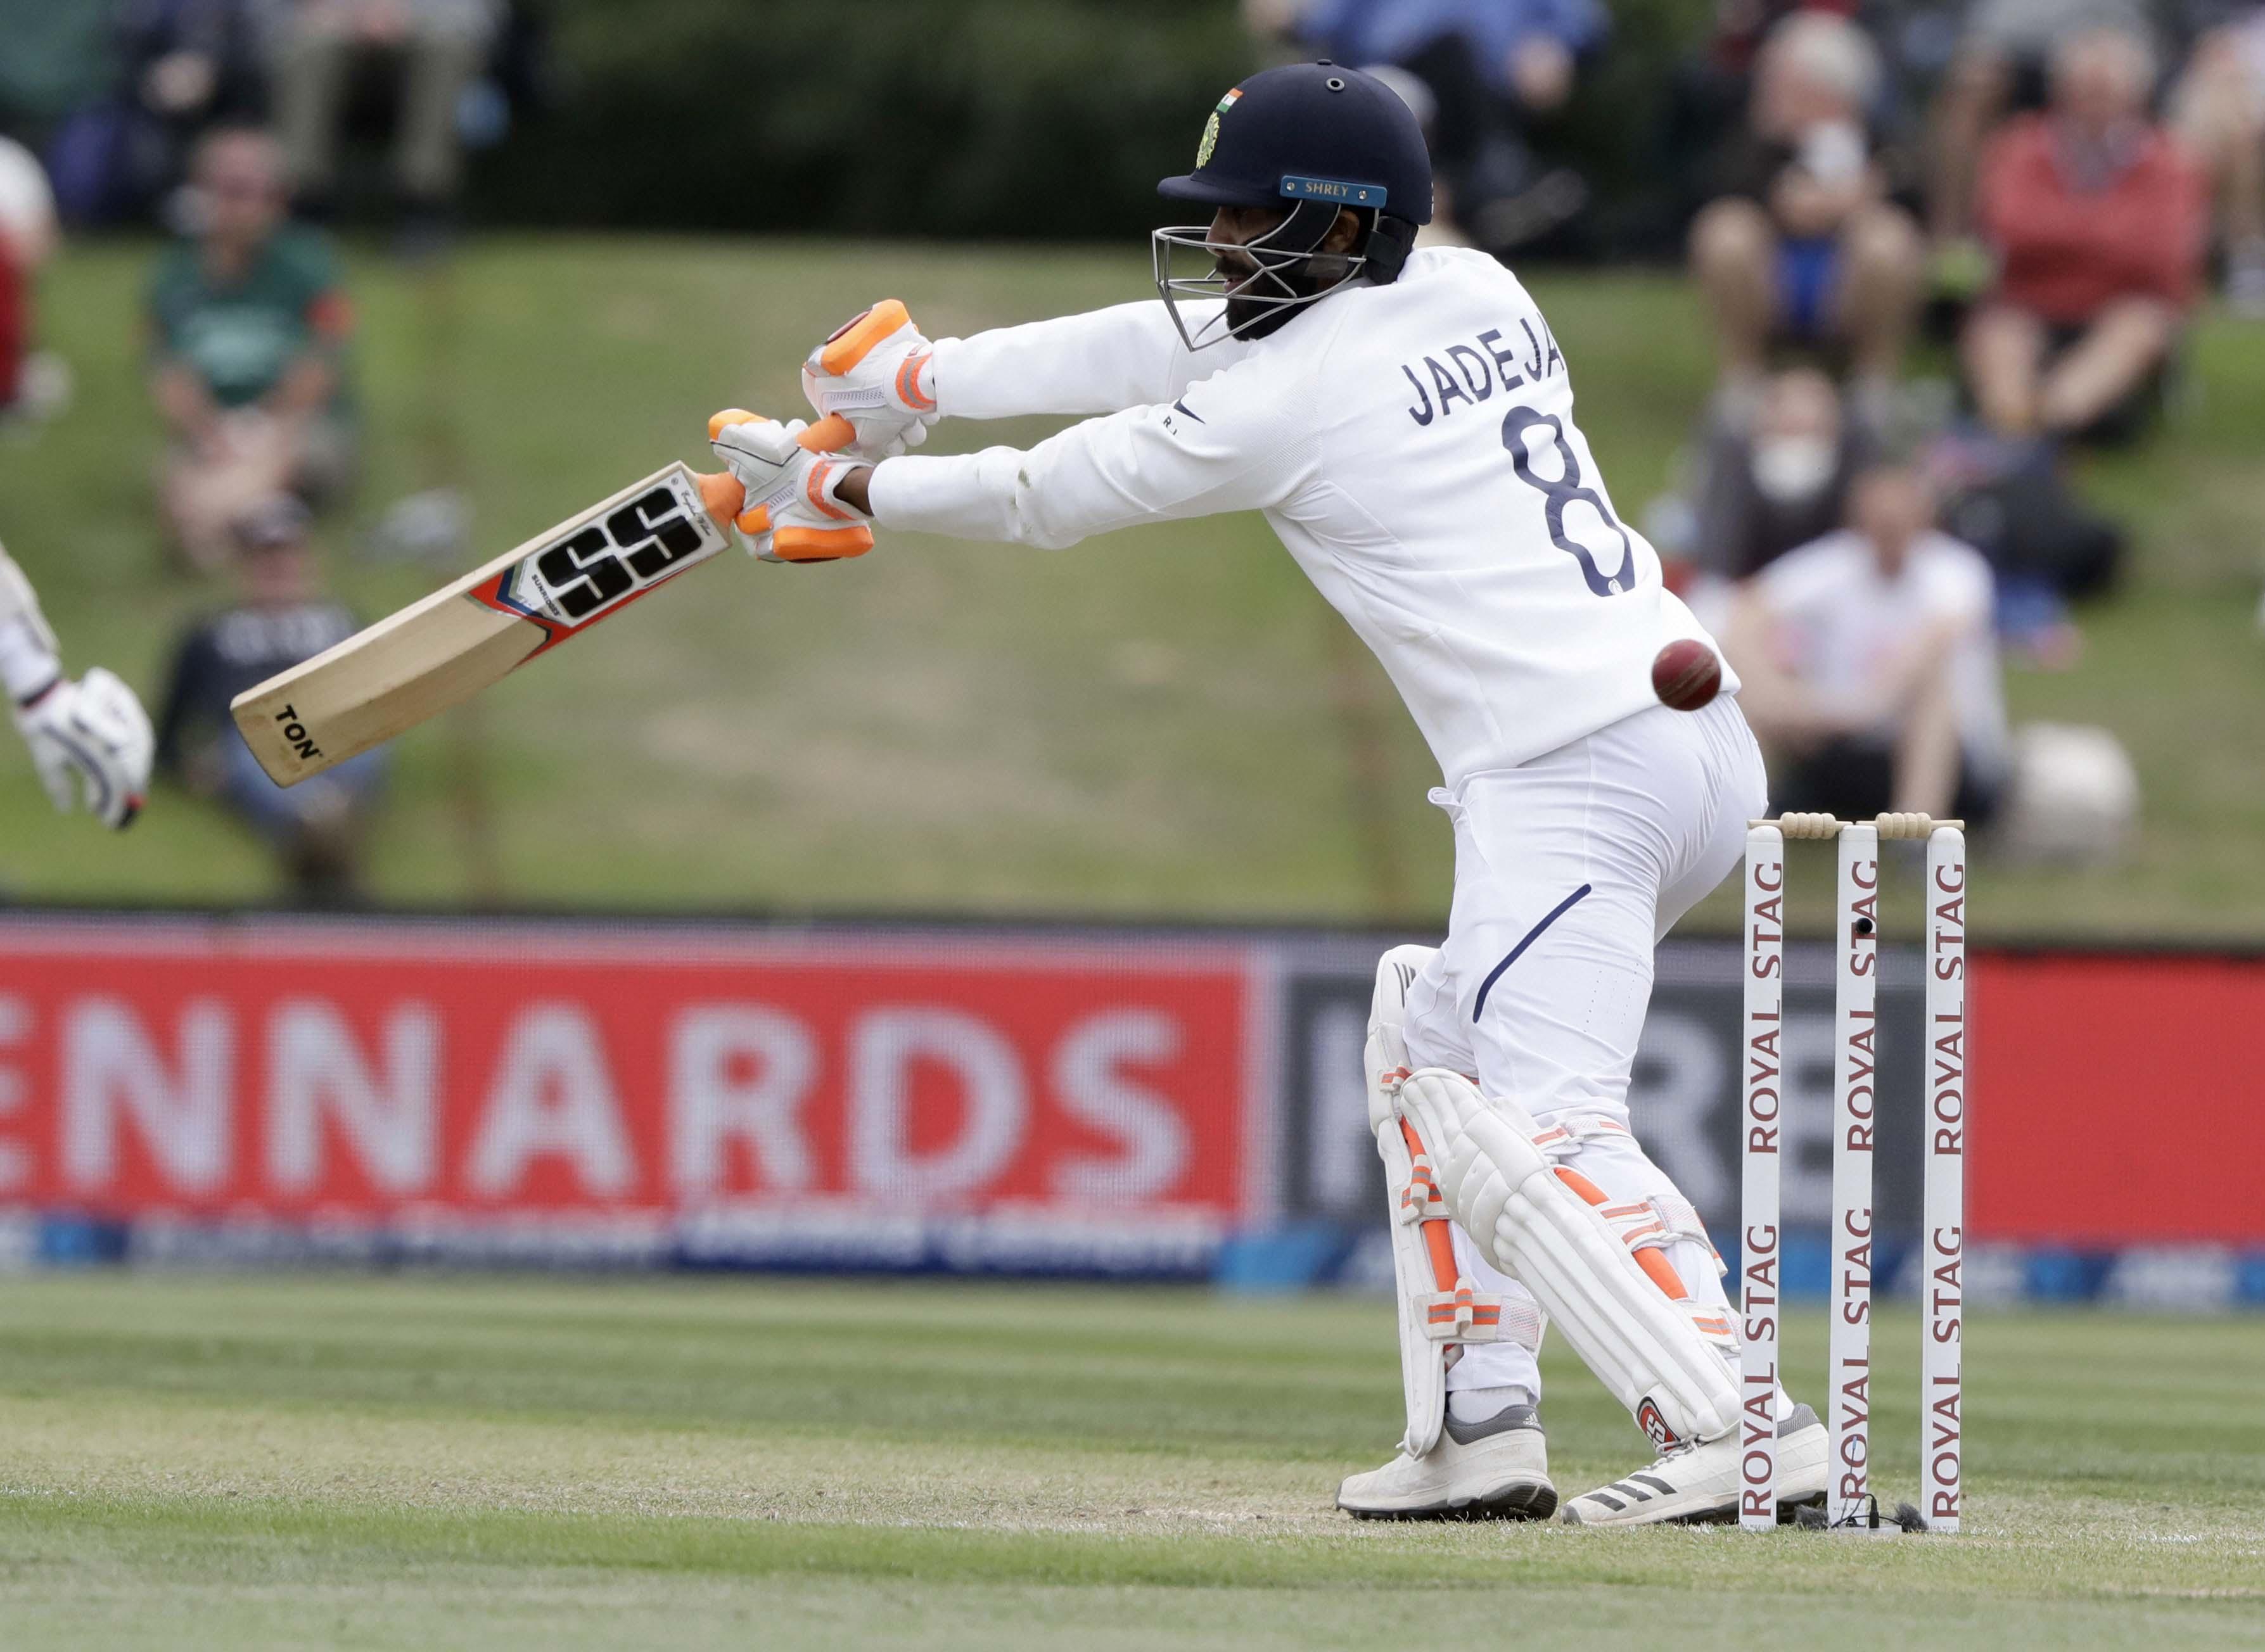 India vs New Zealand, India tour of New Zealand, Virat Kohli, Prithvi Shaw, Ajinkya Rahane, Mohammad Shami, Jasprit Bumrah